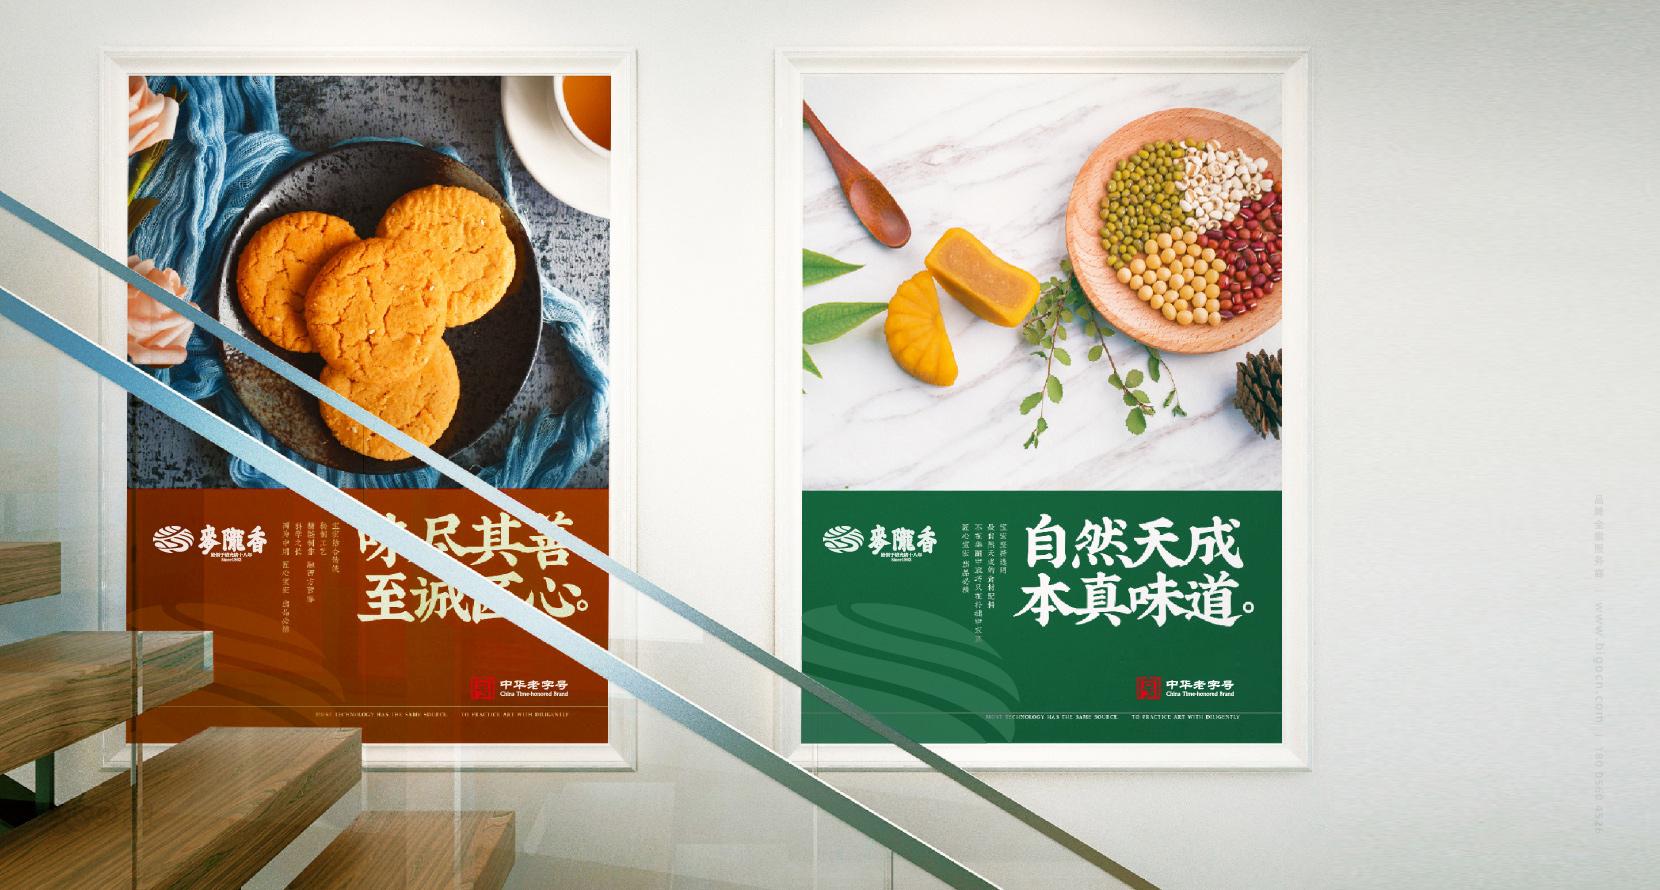 麥隴香食品(中華)